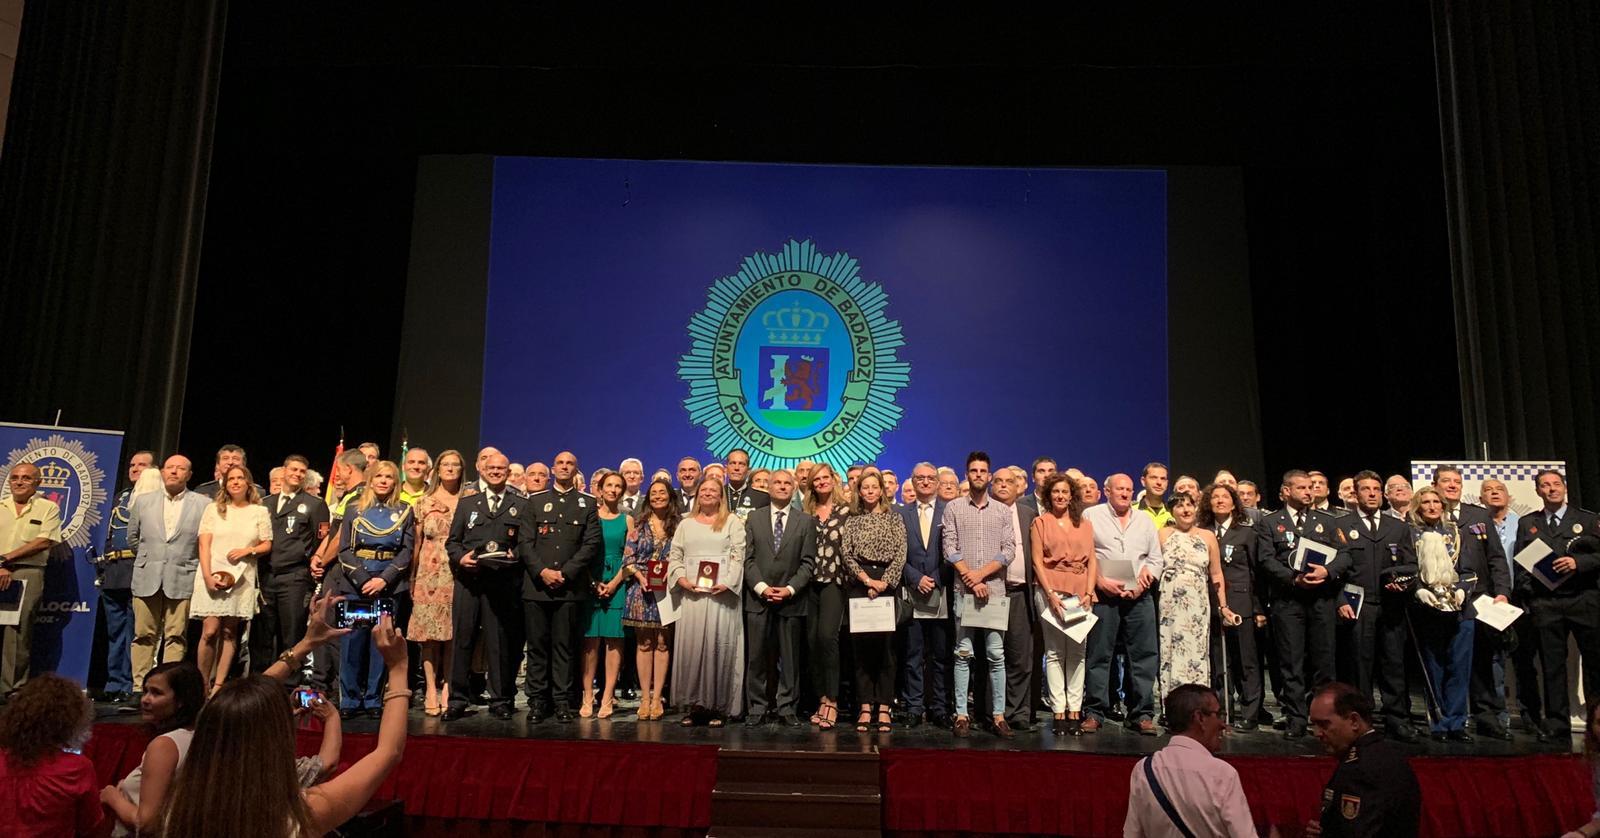 La delegada del Gobierno destaca el trabajo de la Policía Local con motivo de la celebración de su patrona, la Virgen de la Soledad